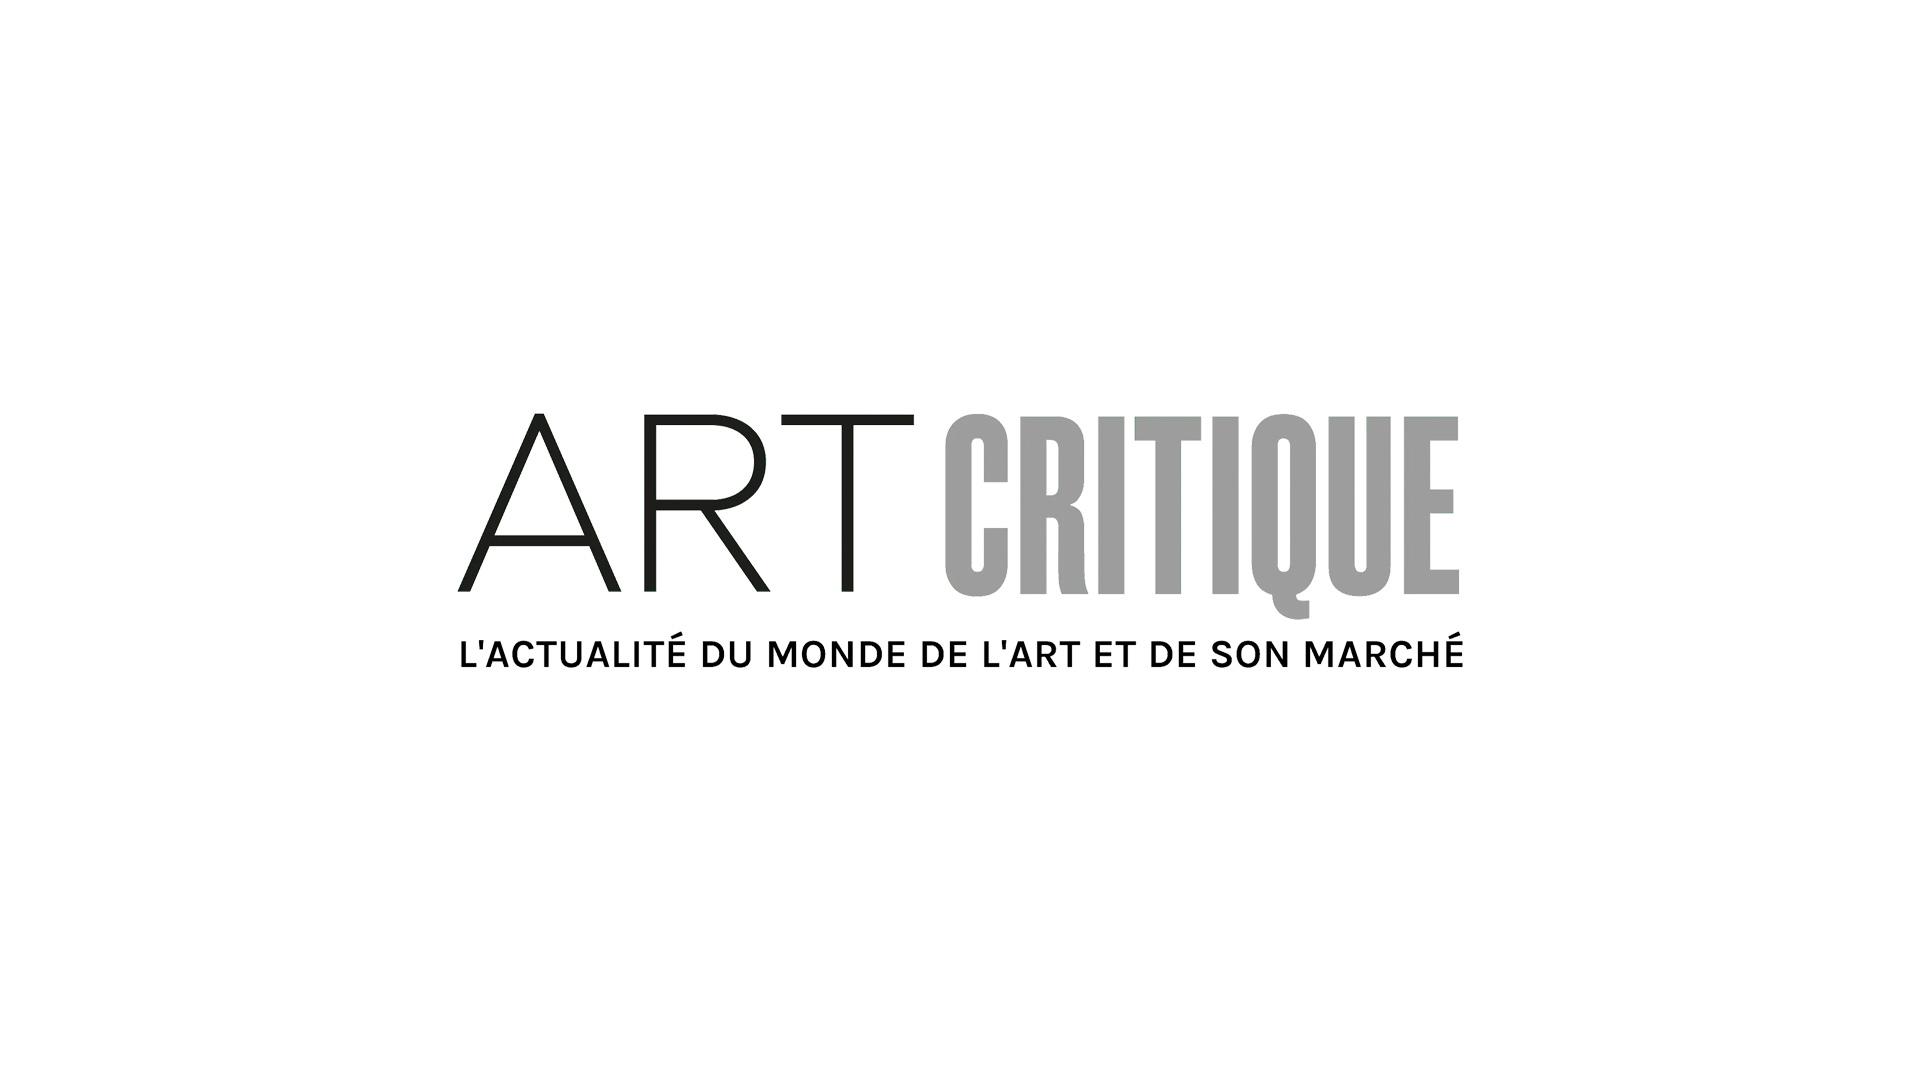 Georgia O'Keeffe exposée et mise aux enchères